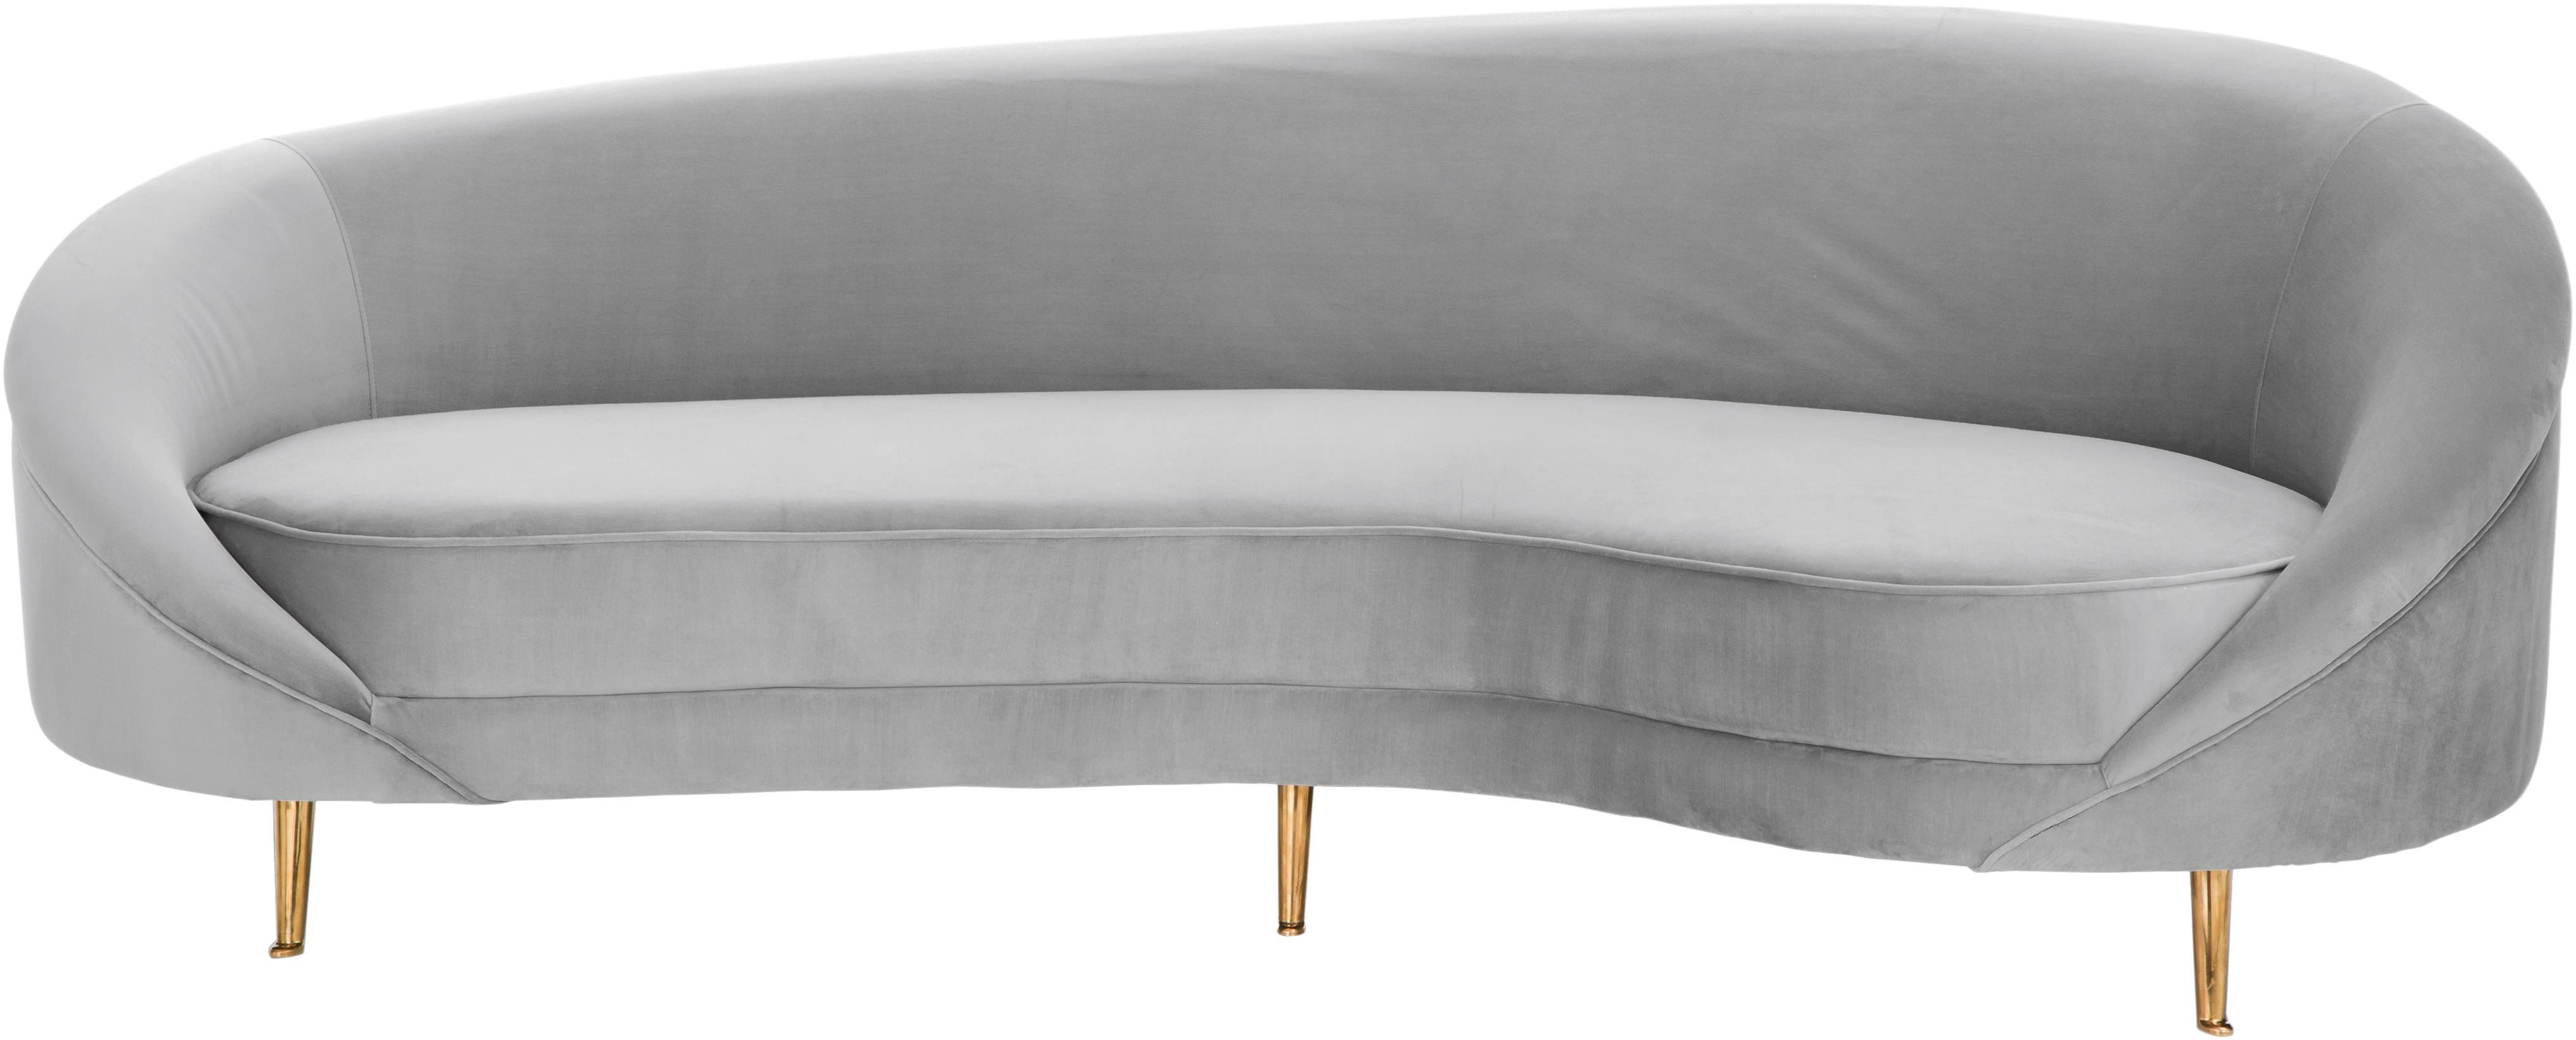 Sofá de terciopelo con forma de riñón Gatsby (3plazas), Tapizado: terciopelo (poliéster) 25, Estructura: madera de eucalipto maciz, Patas: metal, galvanizado, Terciopelo gris, An 245 x F 102 cm